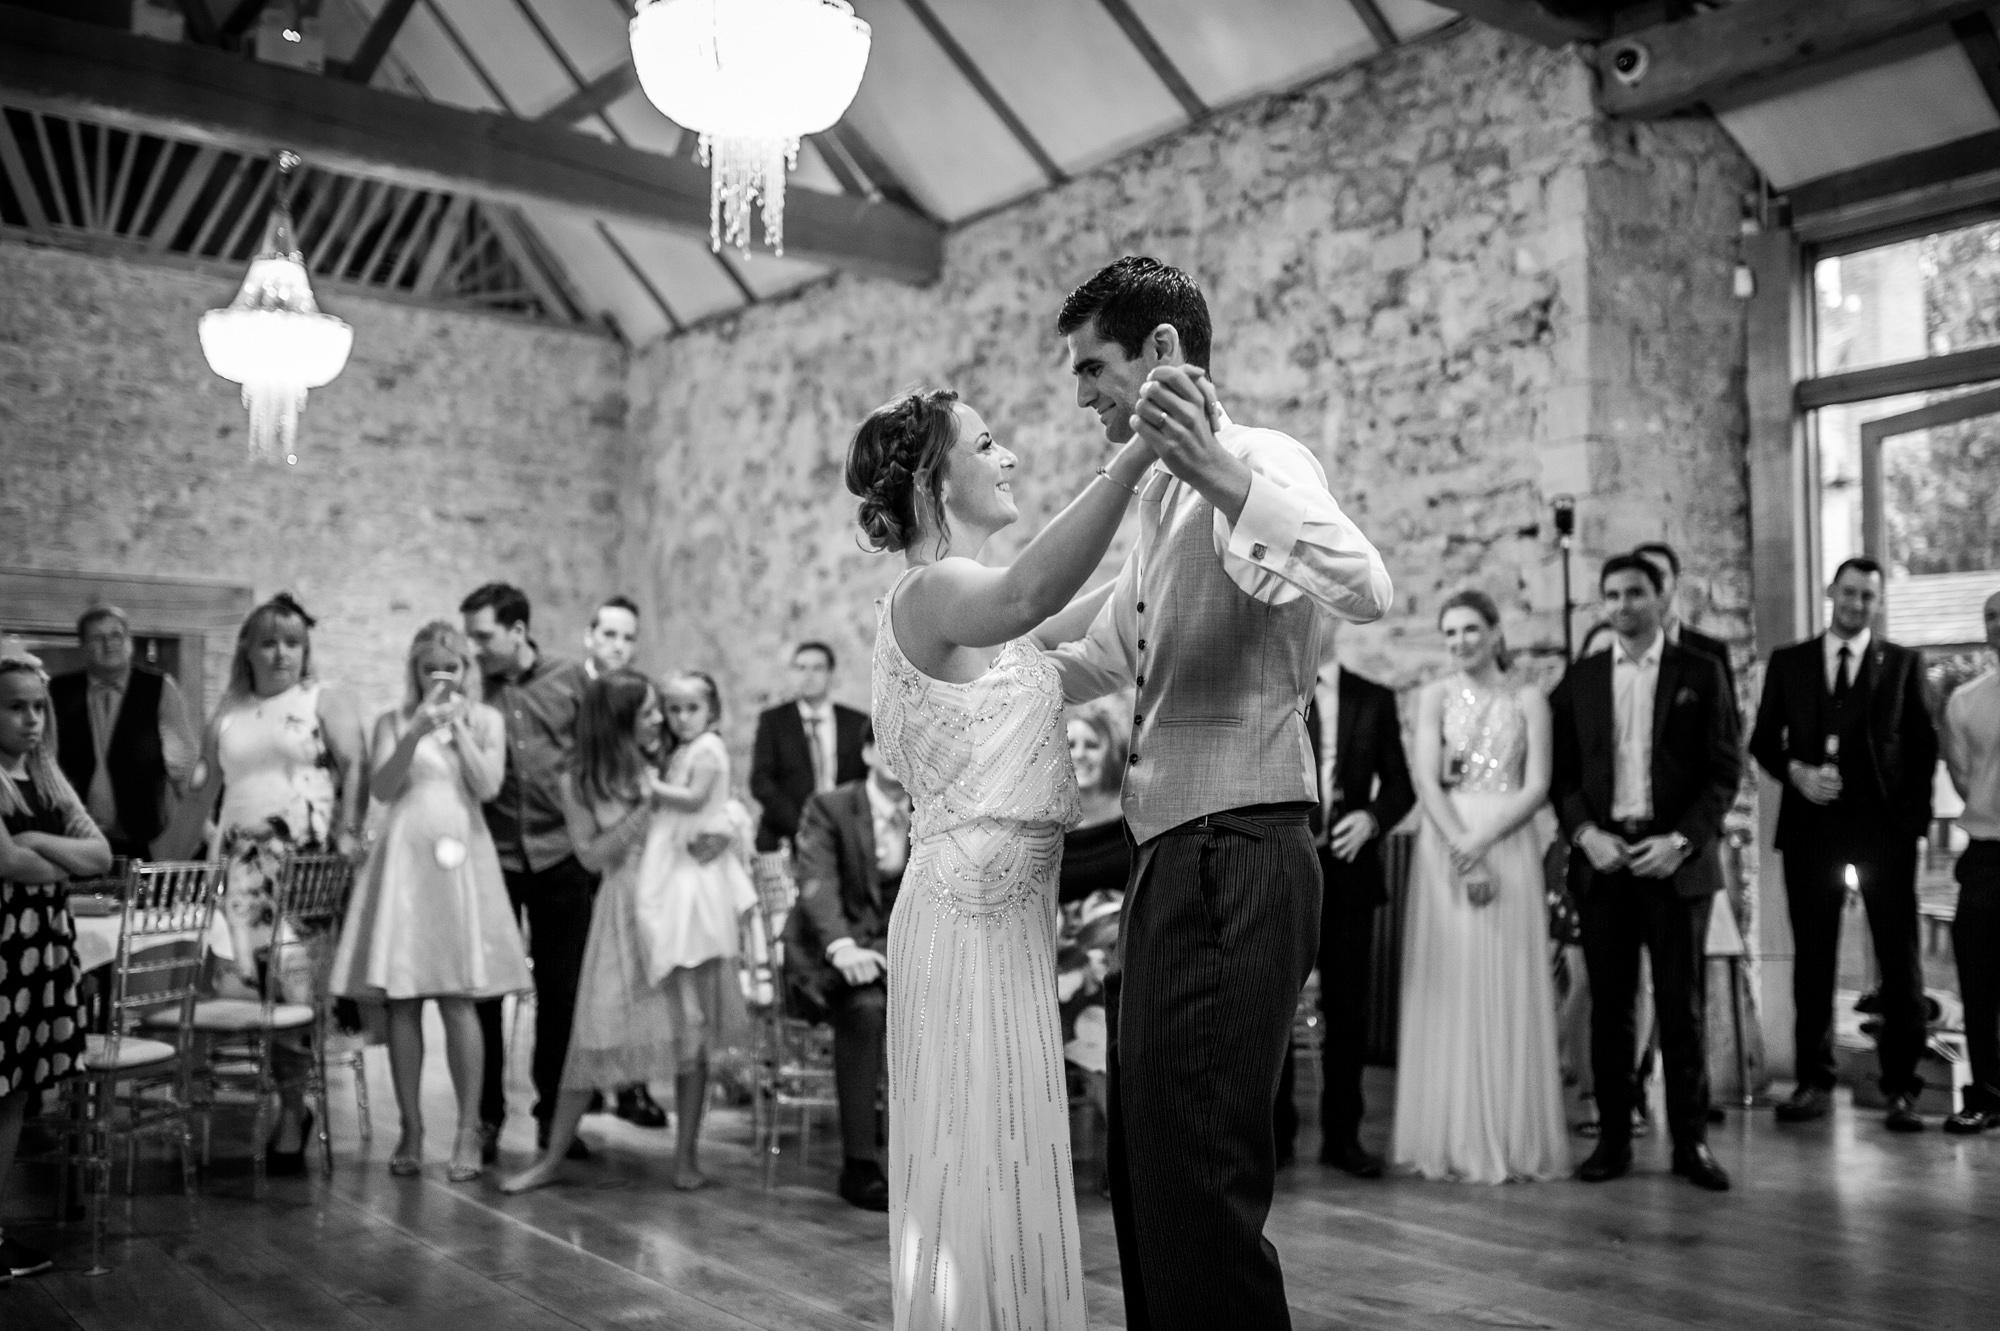 Notley Barn Wedding 26.10.18 37.jpg